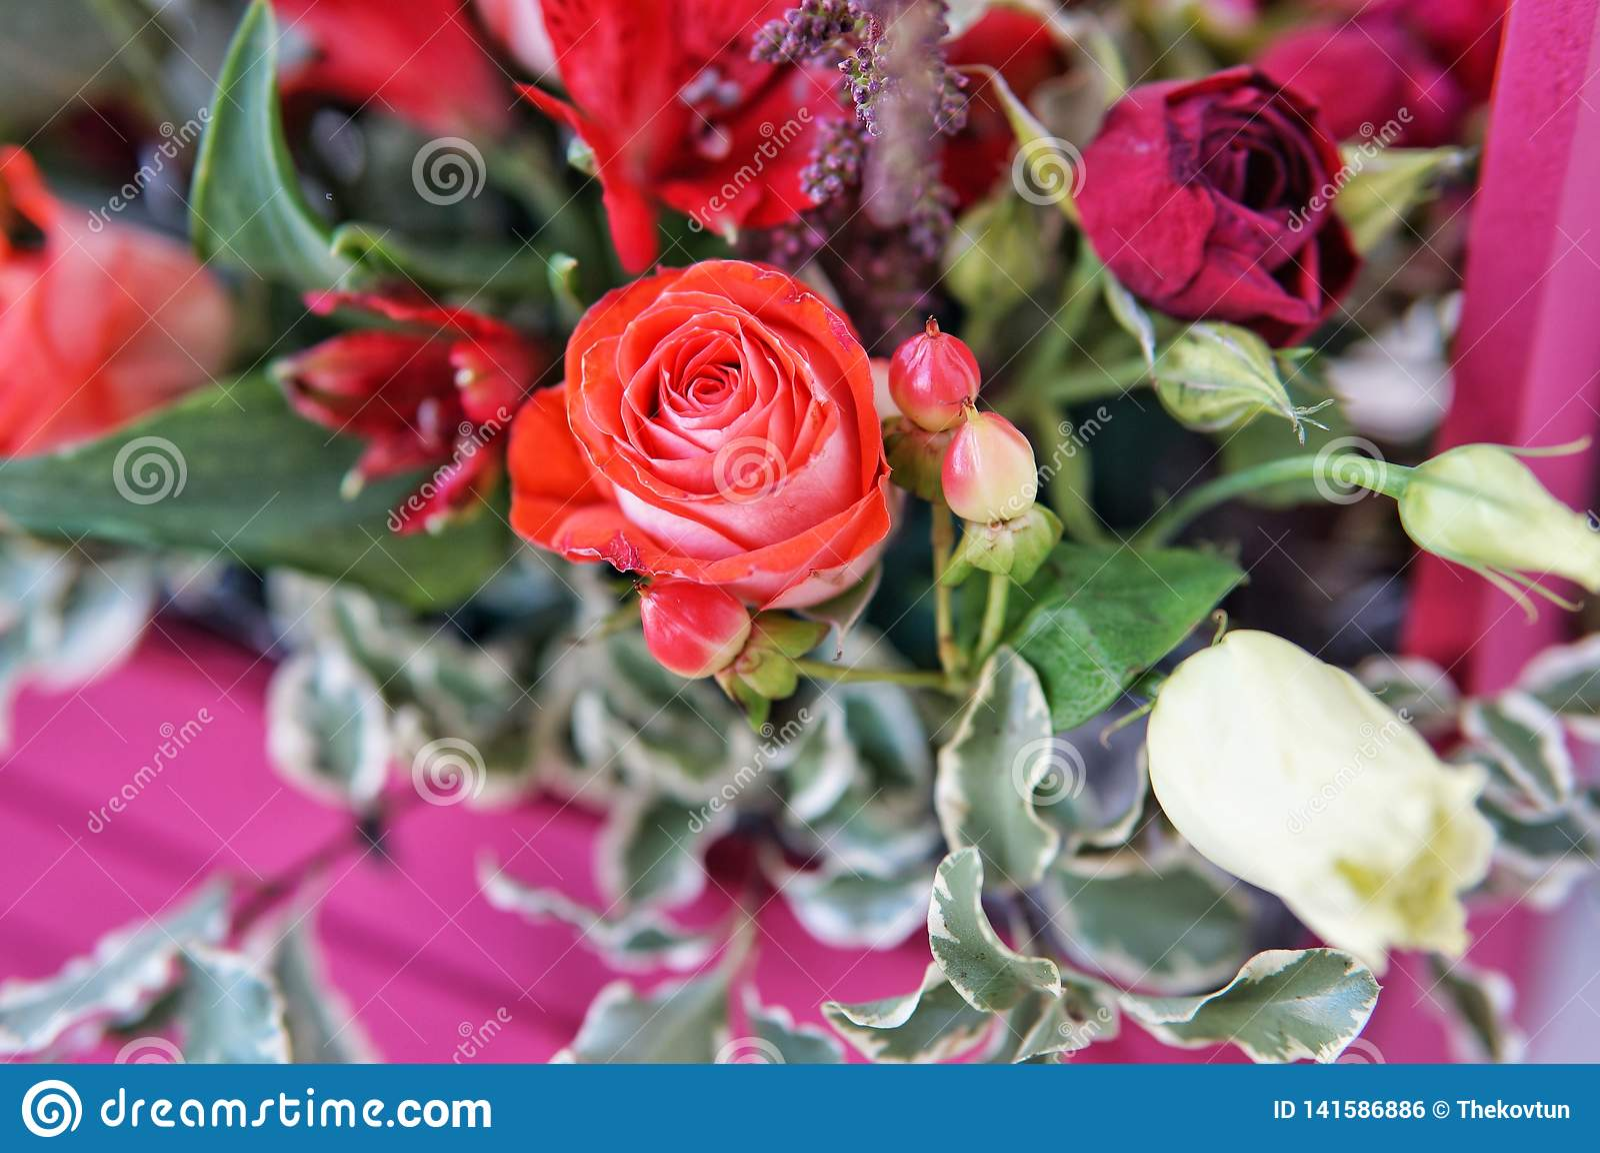 Schönes Blumengesteck von Roten, Rosa- und Burgunder-Blumen in einer rosa Holzkiste